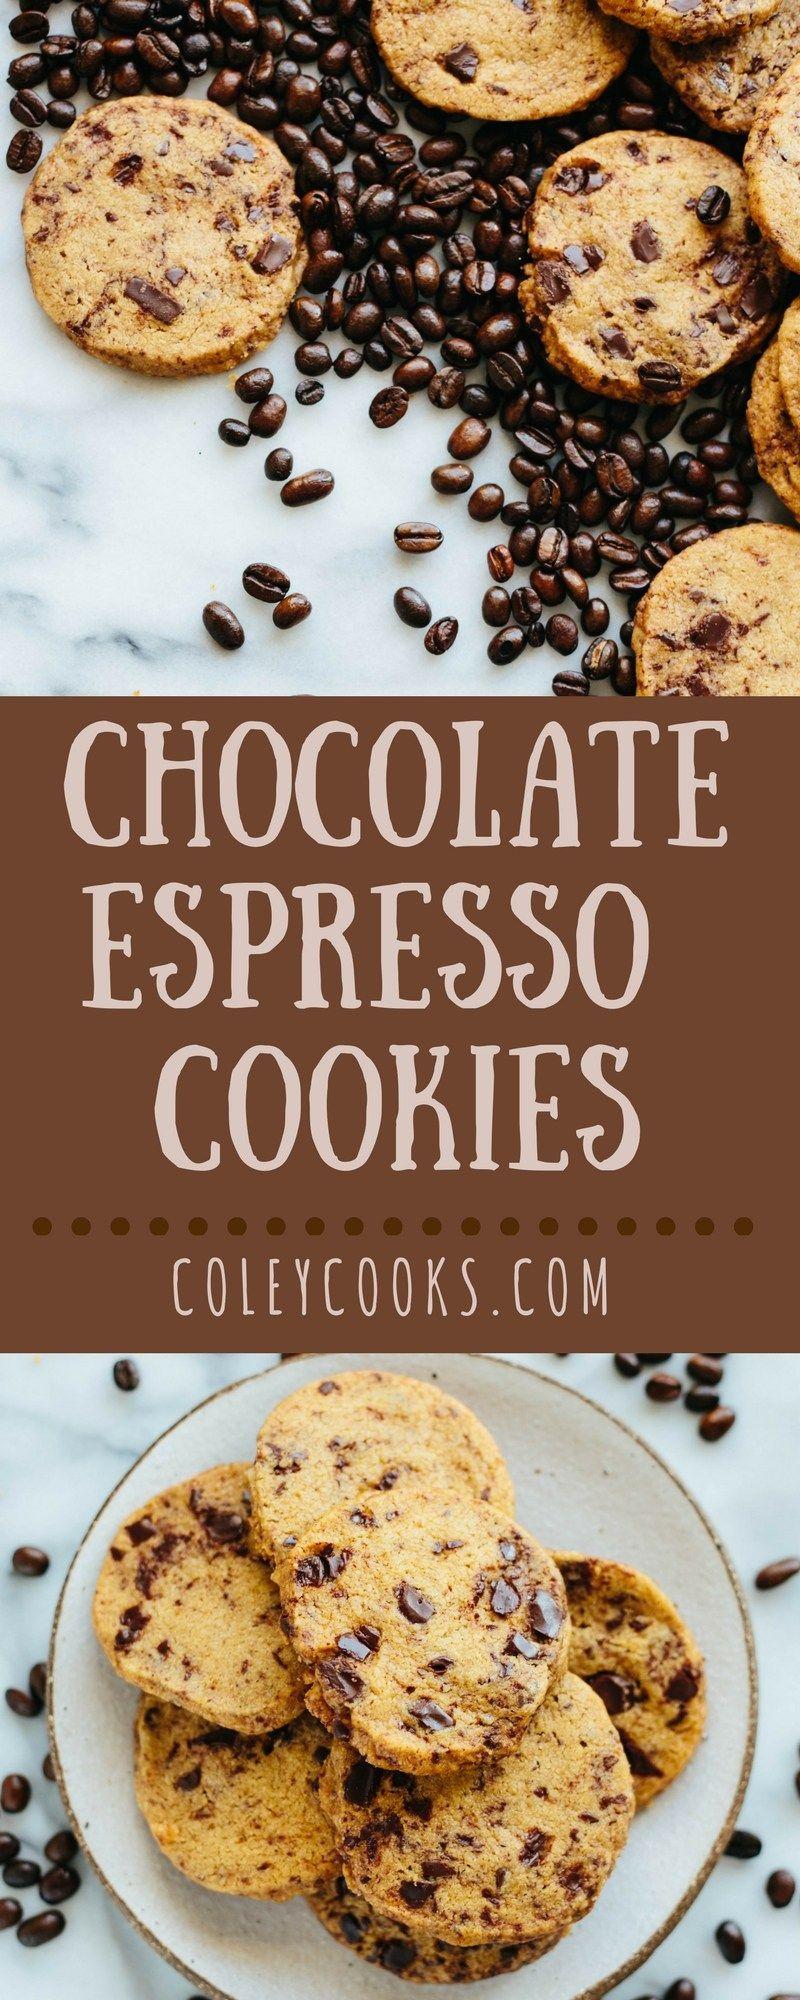 Chocolate Espresso Shortbread Cookies | Coley Cooks... #sliceandbakecookieschristmas